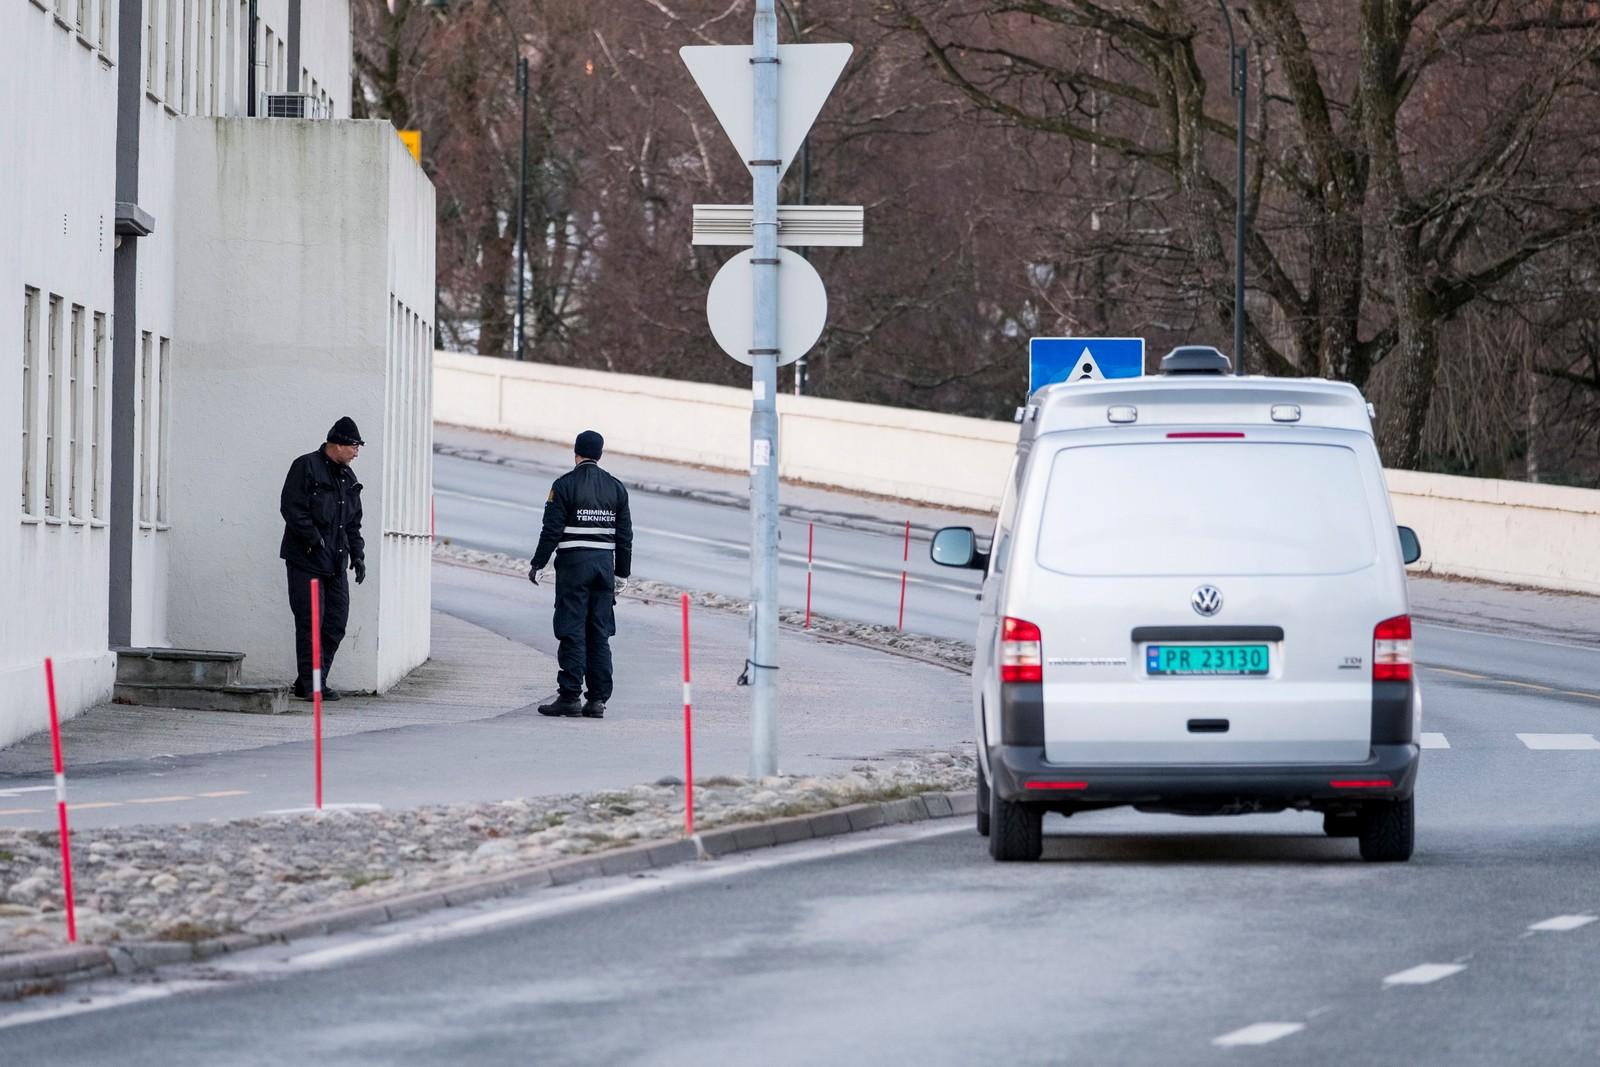 Politifolk jobbet på stedet i flere timer etter hendelsen.